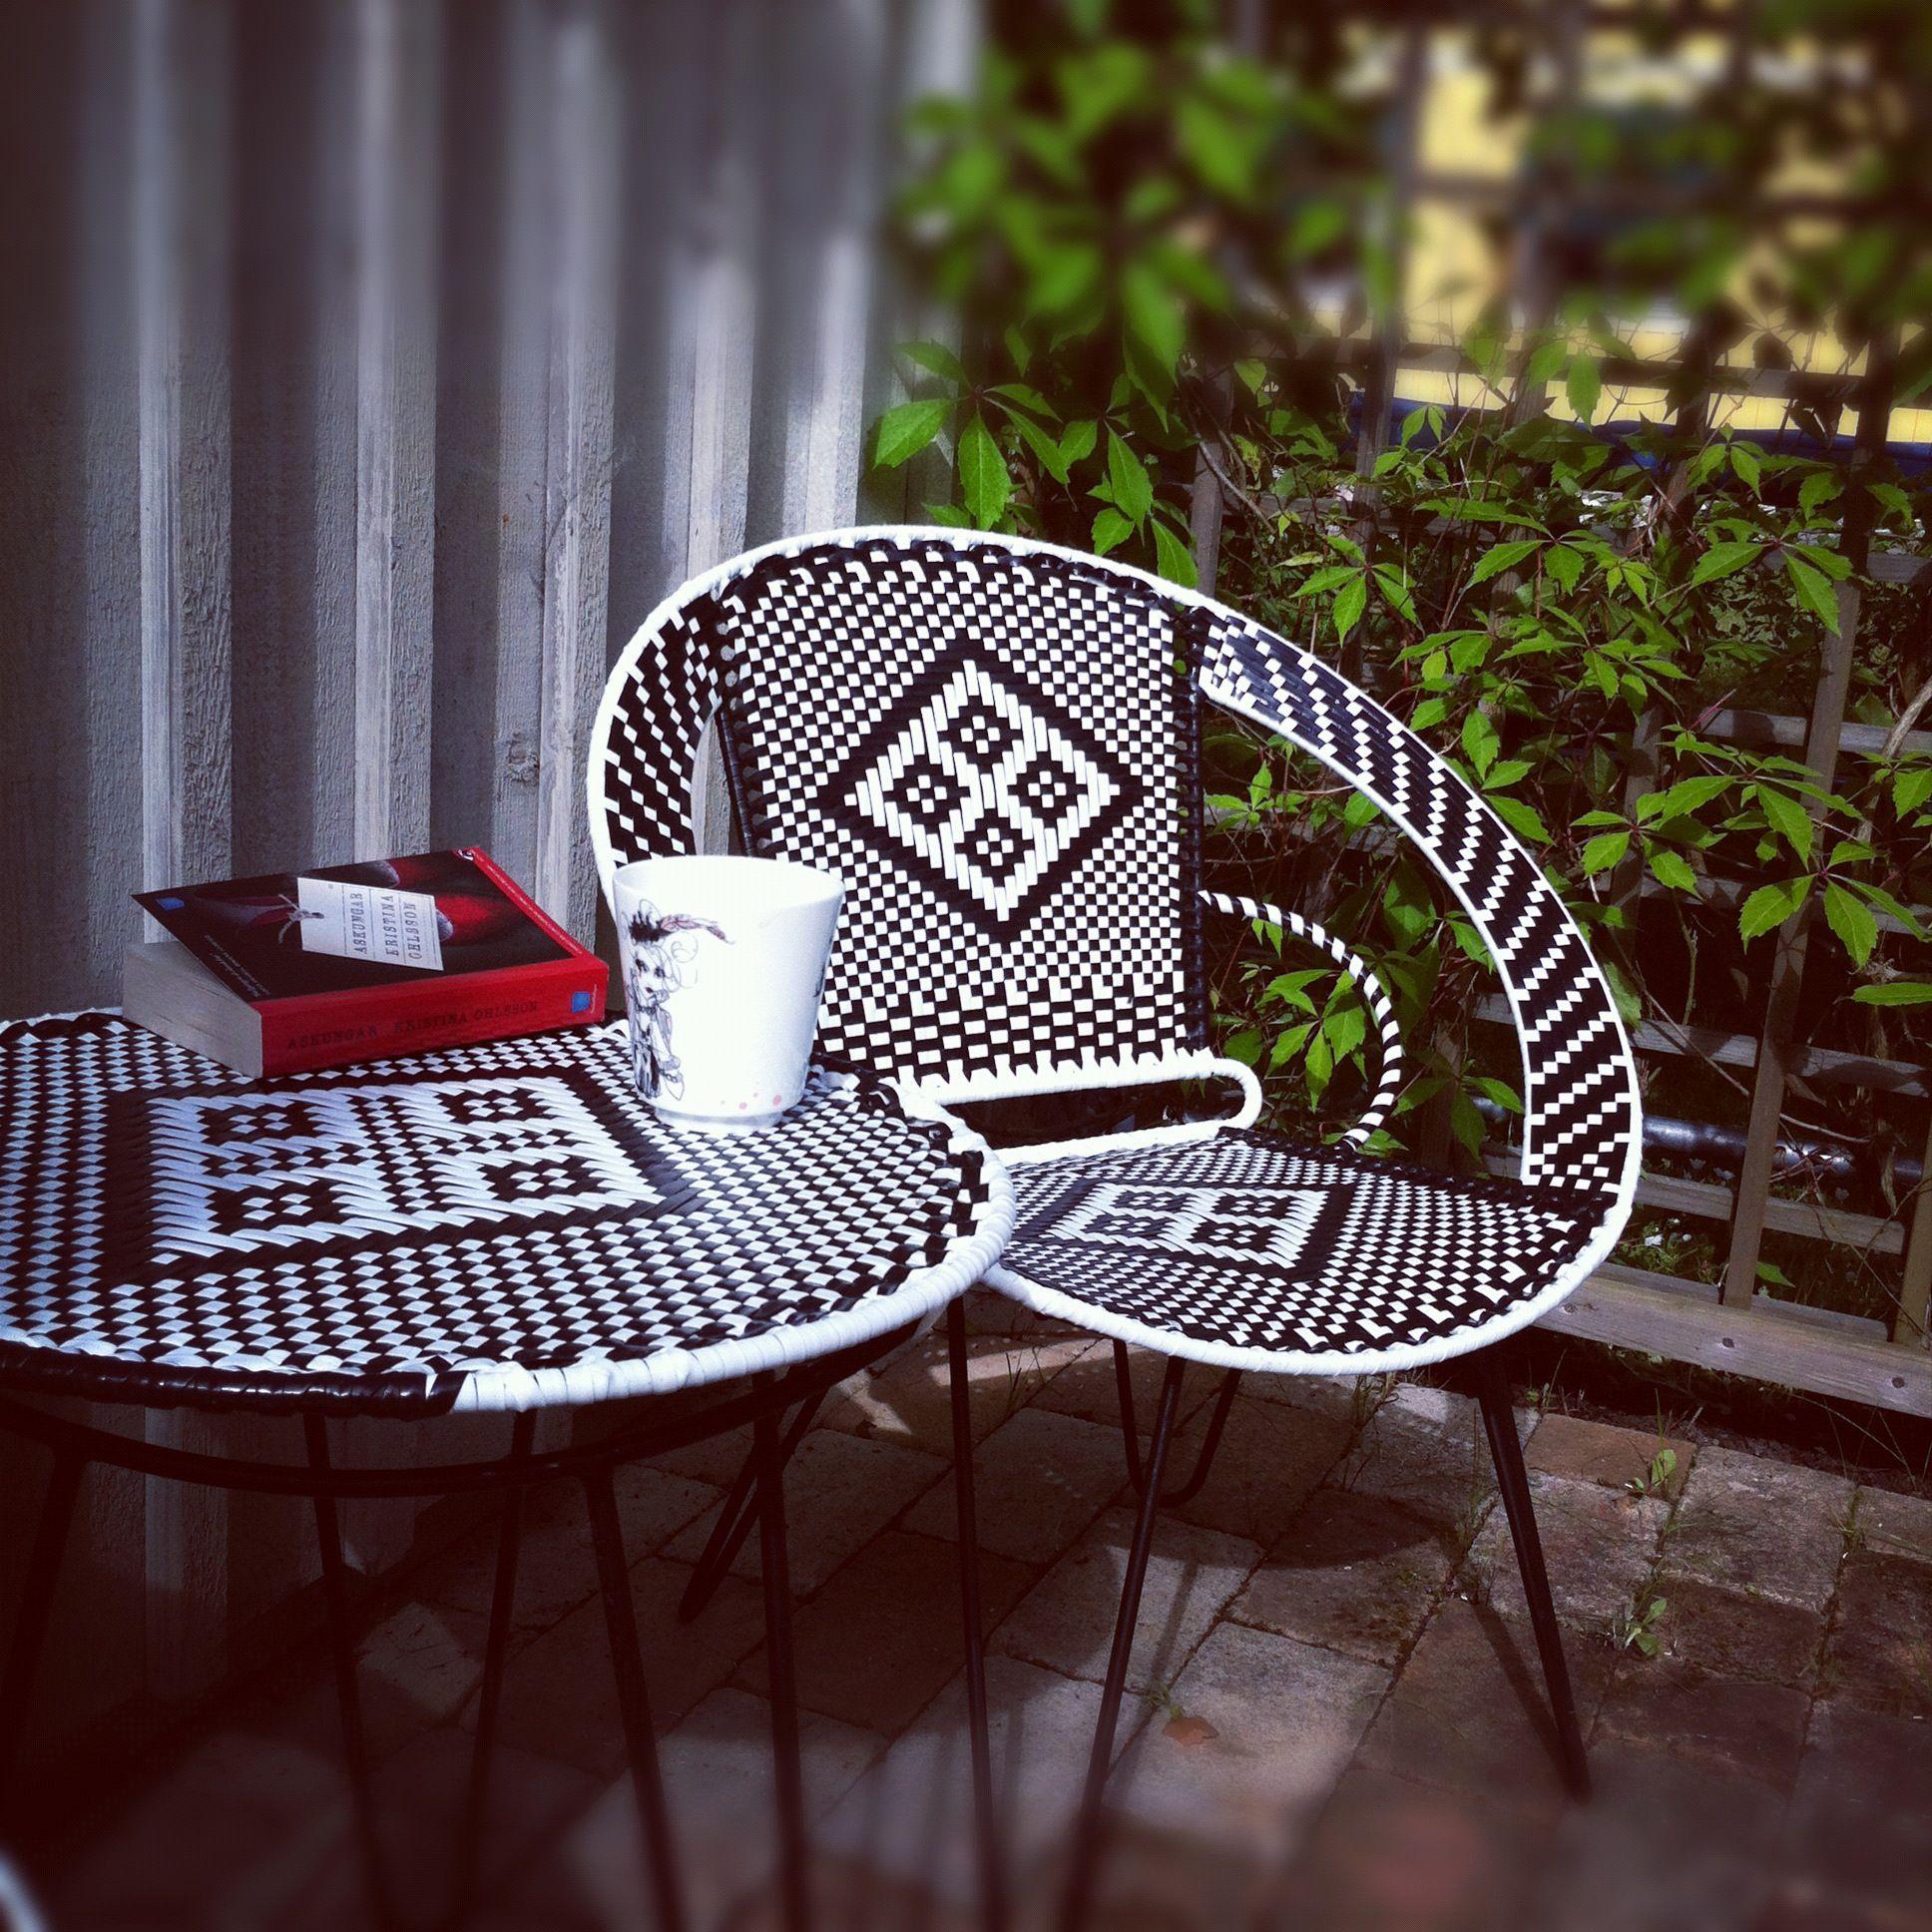 Sally Ann - stol och bord på terassen 7acd10560e747